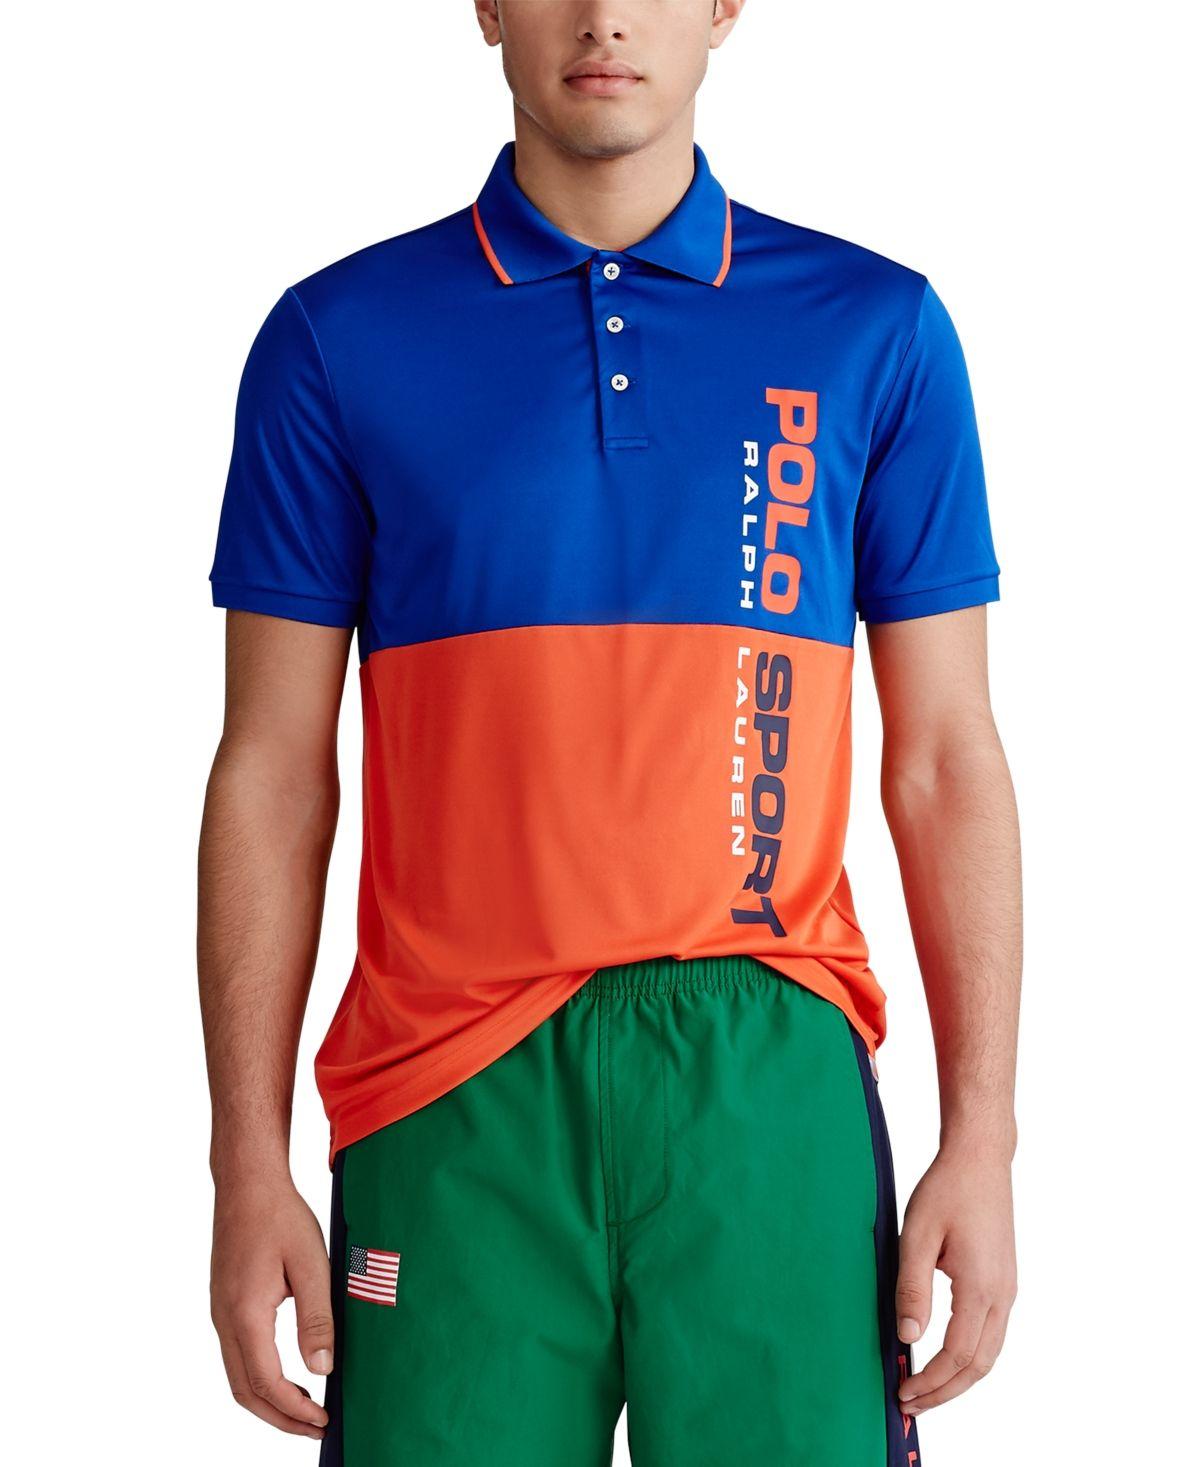 Polo Ralph Lauren Men's Polo Sport Tech Polo Shirt